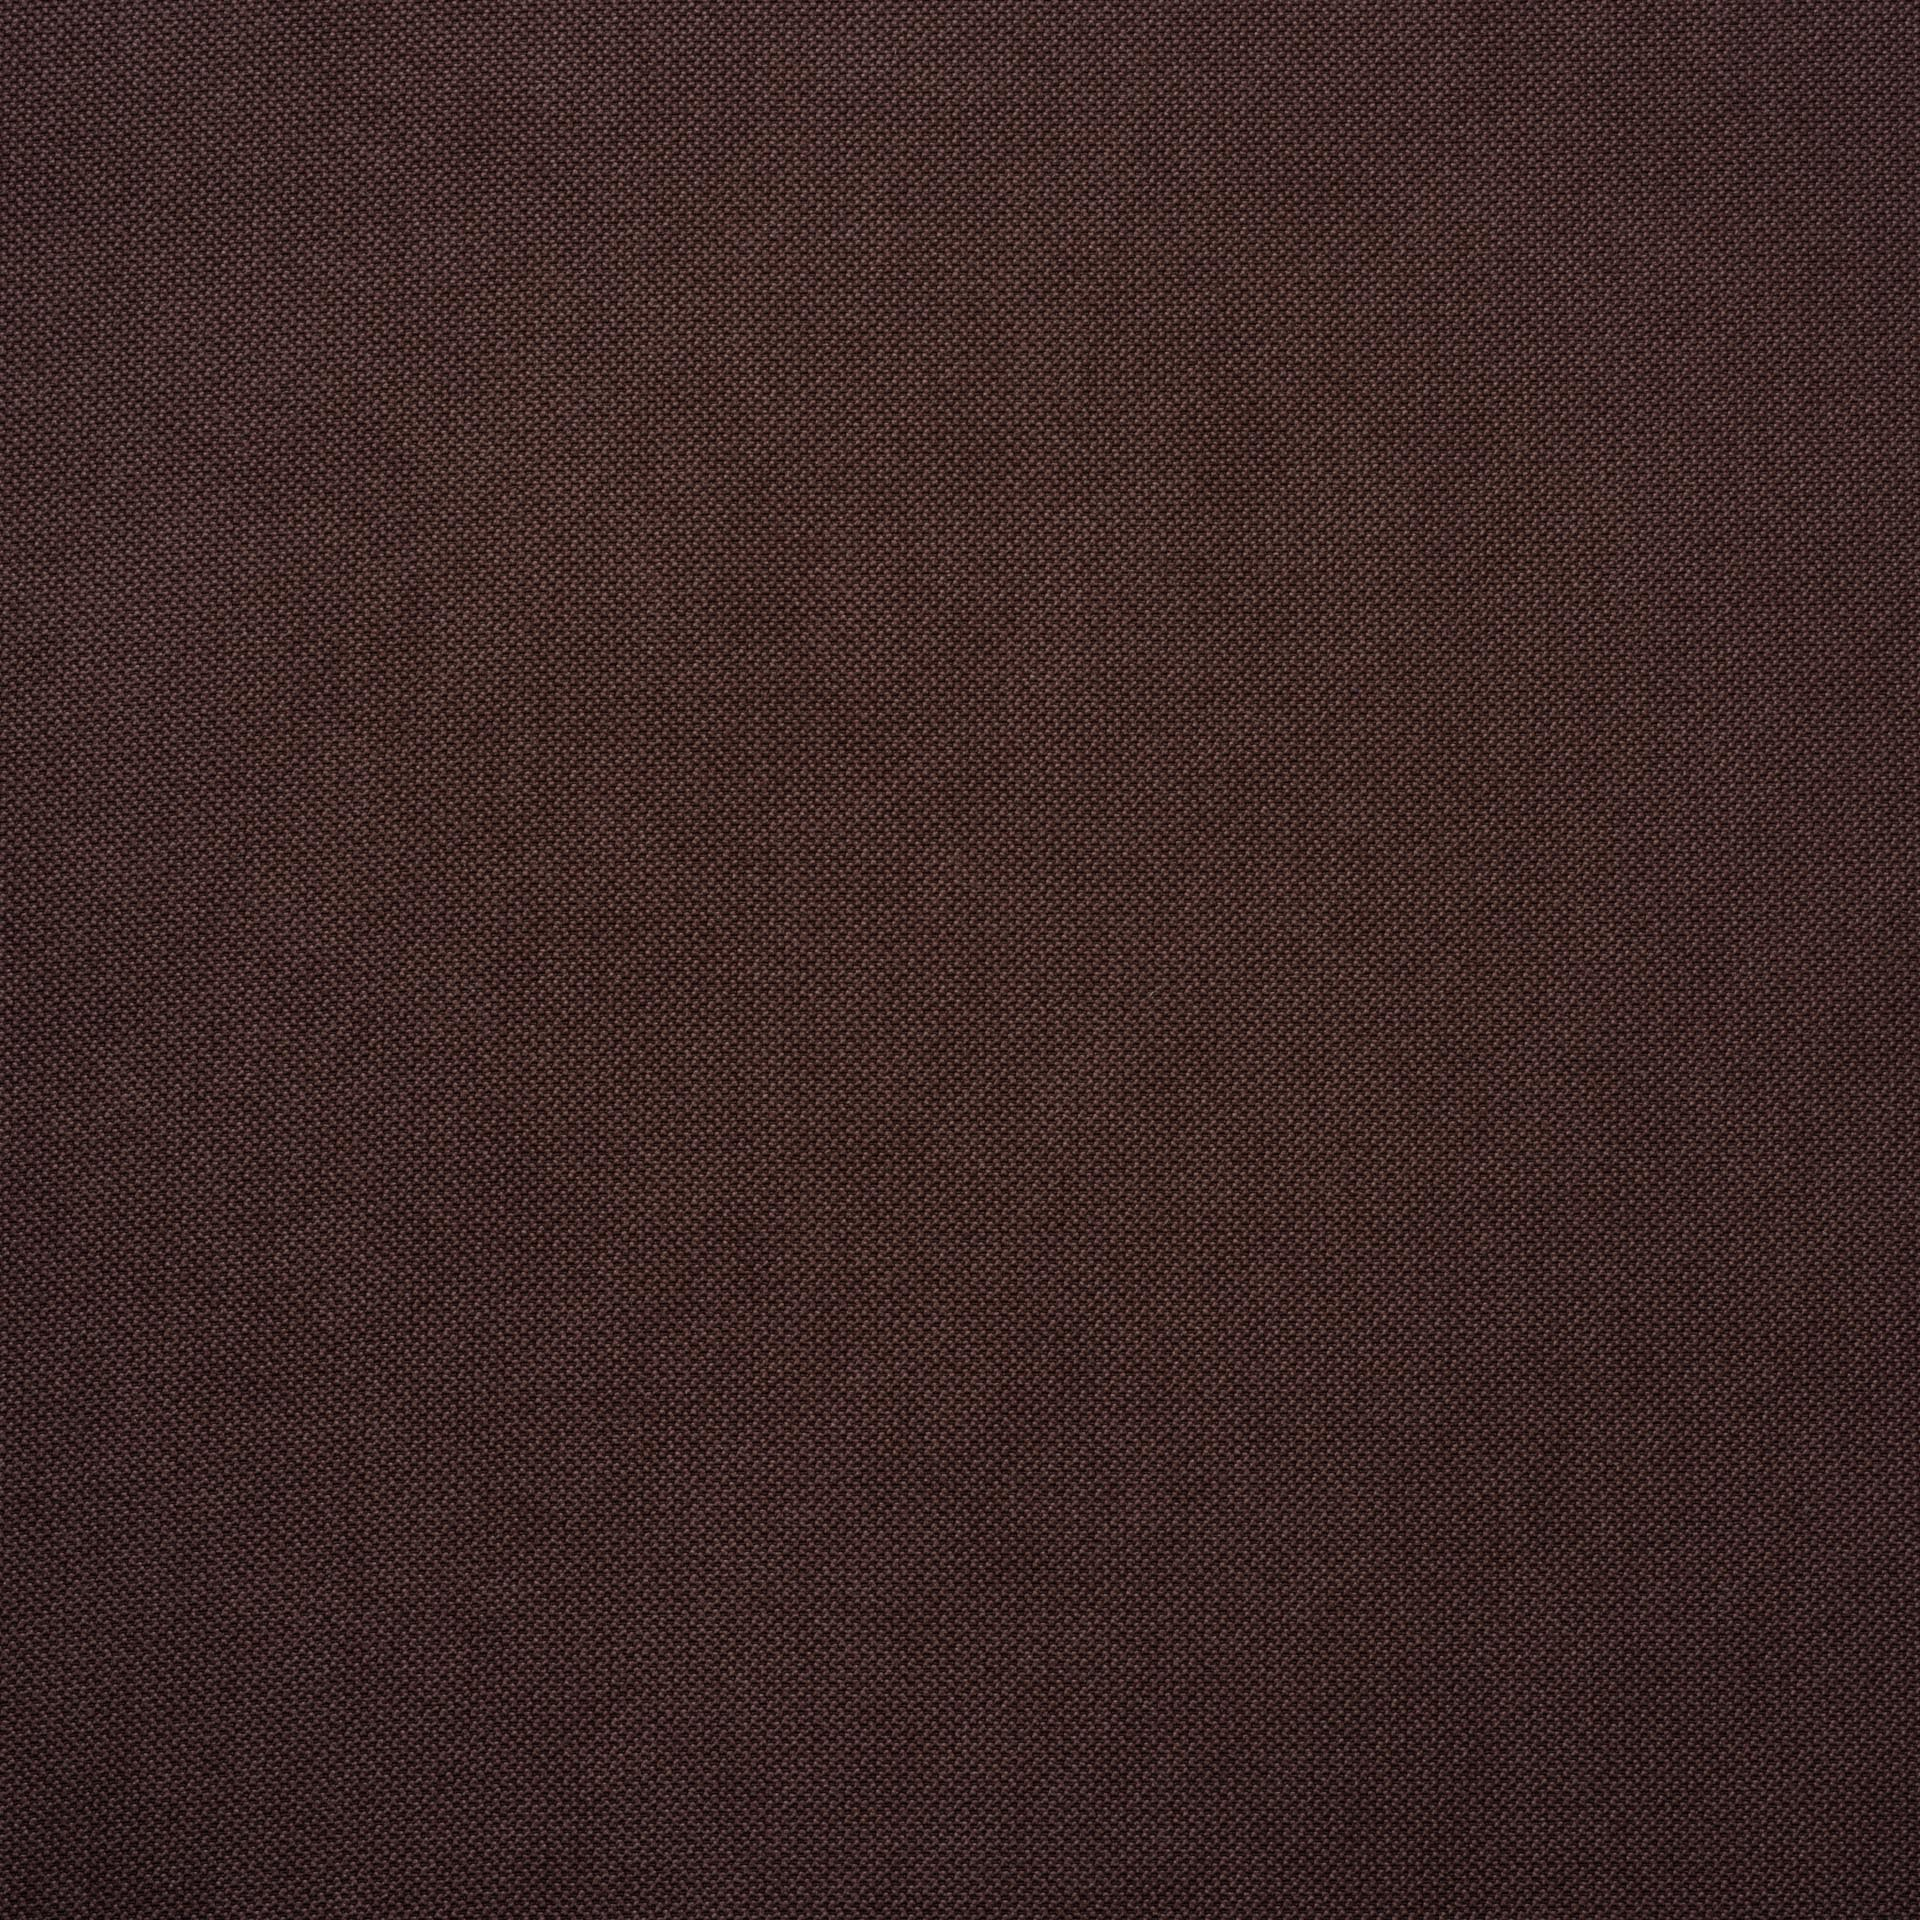 Коллекция ткани Стэнли 08 SEAL BROWN,  купить ткань Жаккард для мебели Украина